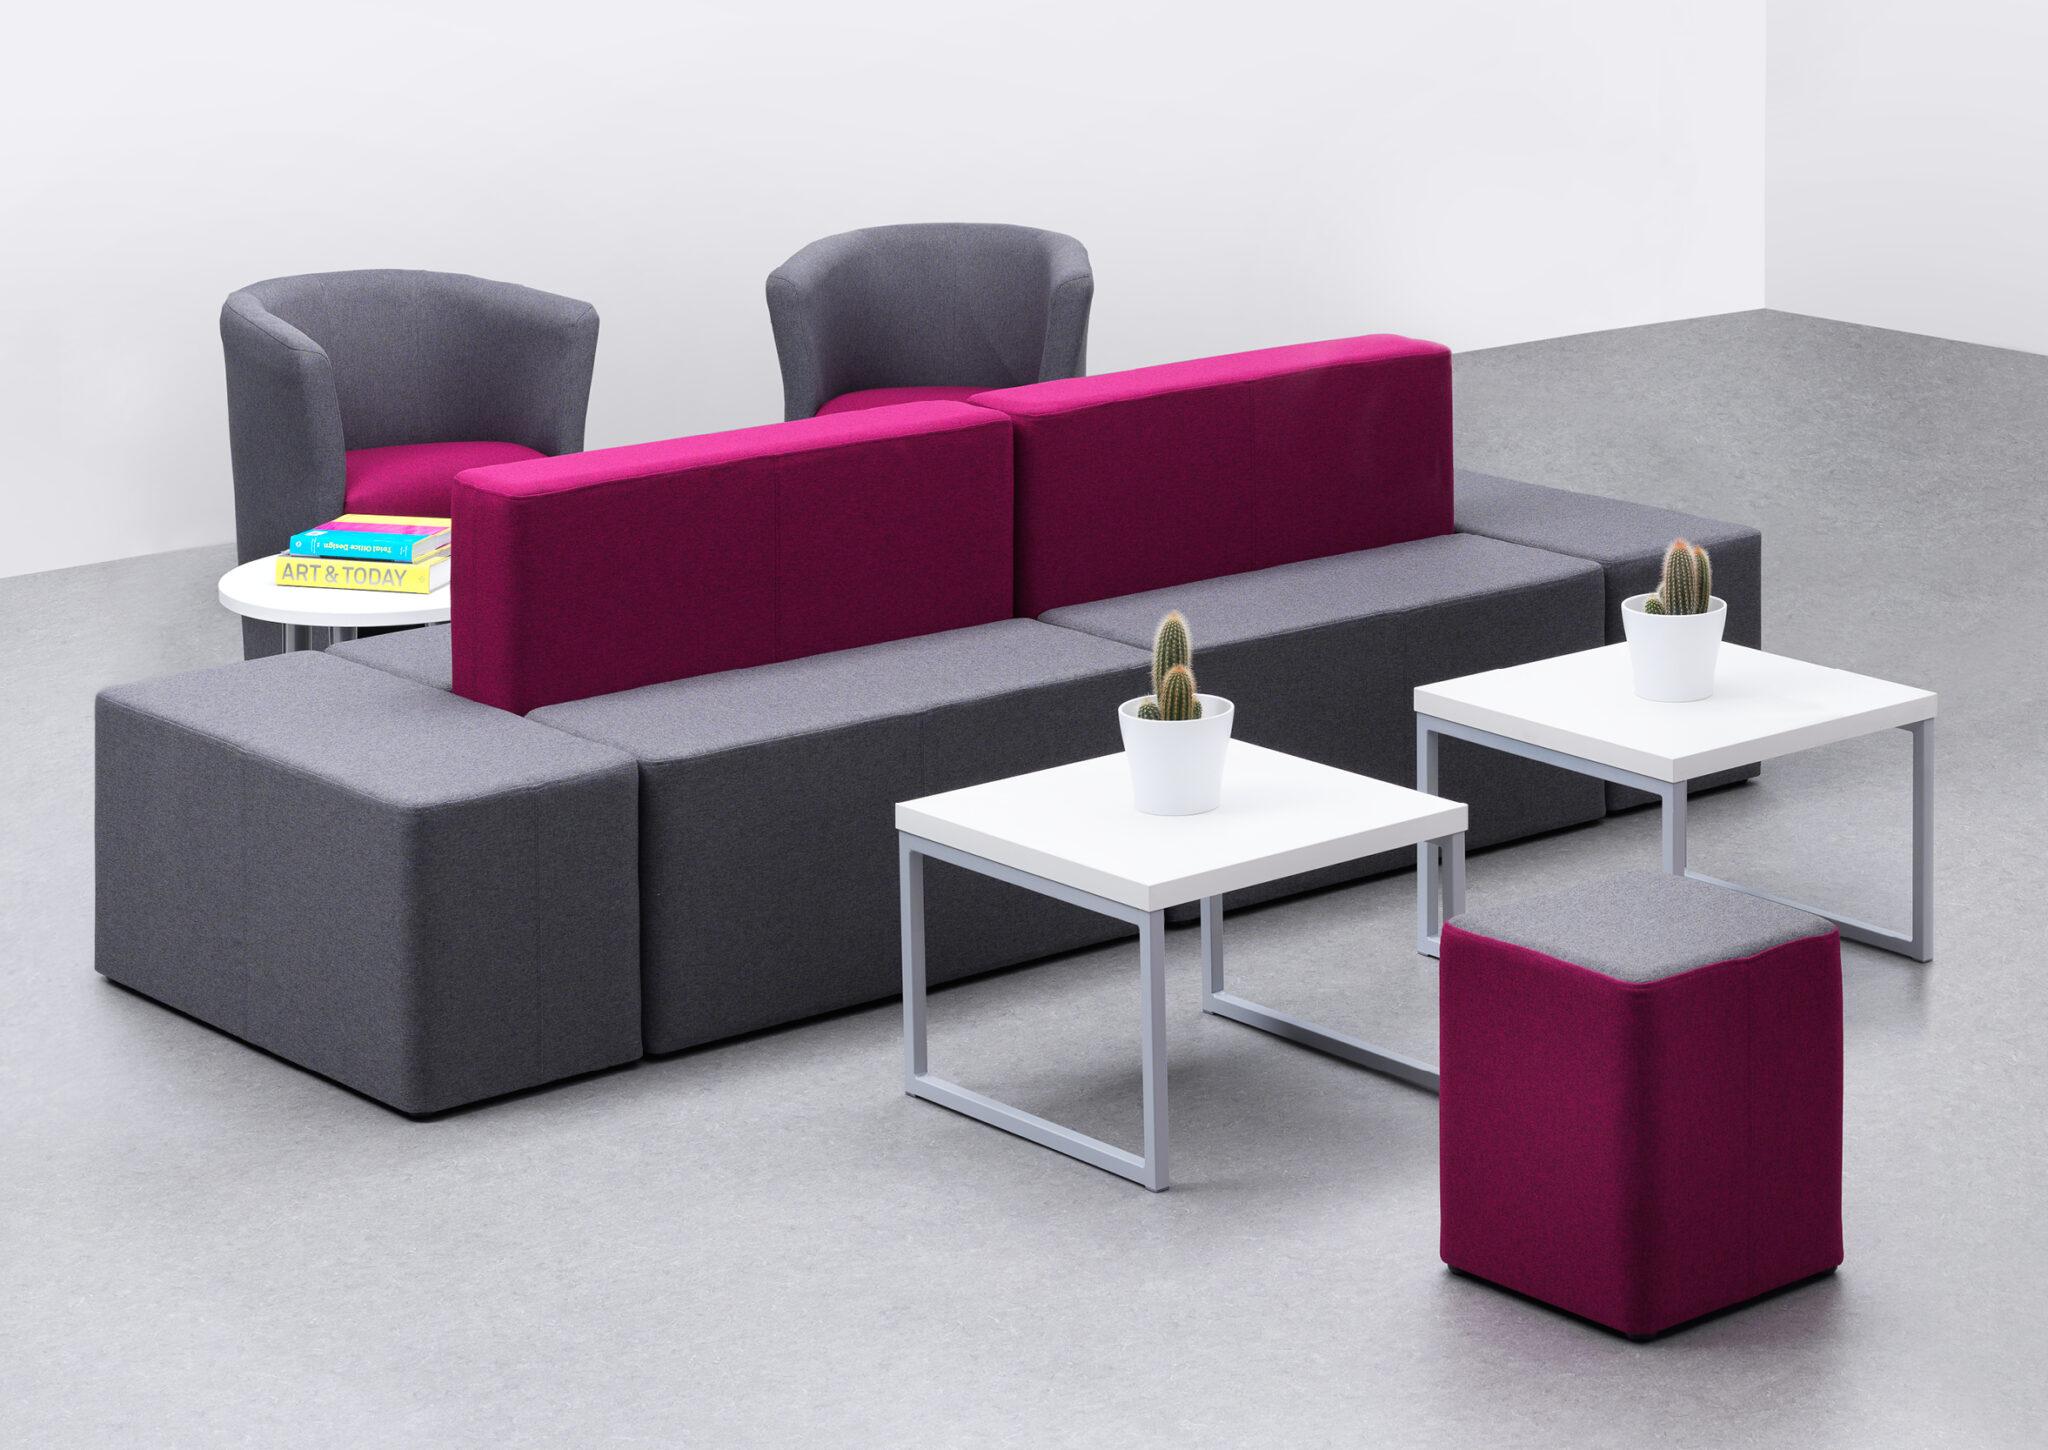 Torasen kantoormeubelen loungemeubilair Den Haag Heering Office